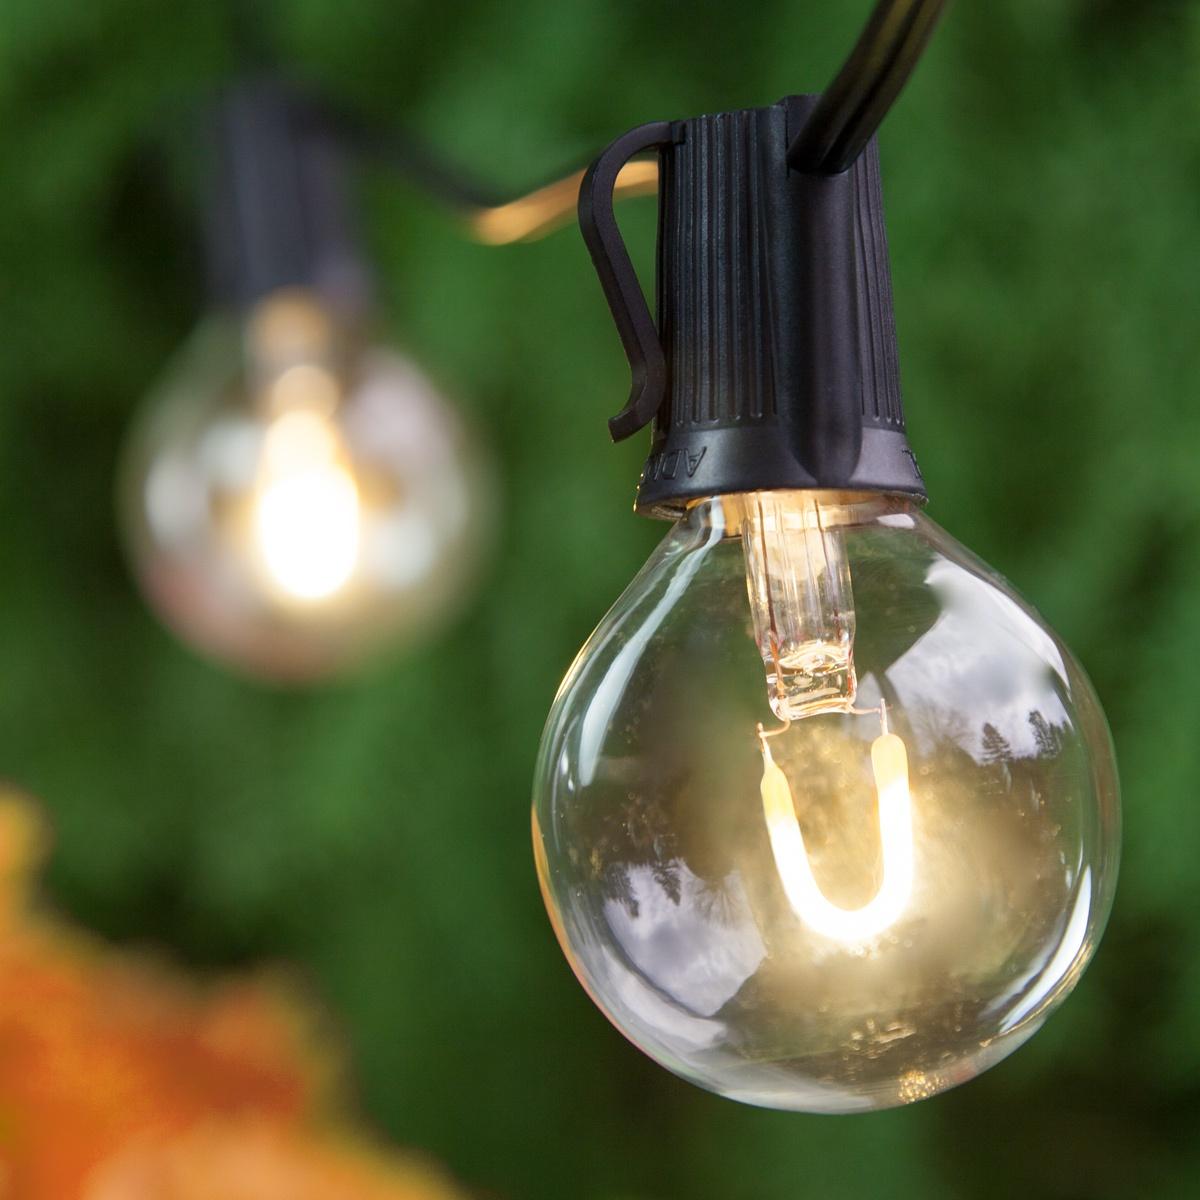 Patio Lights Warm White Led Lights 50 G50 E17 Bulbs